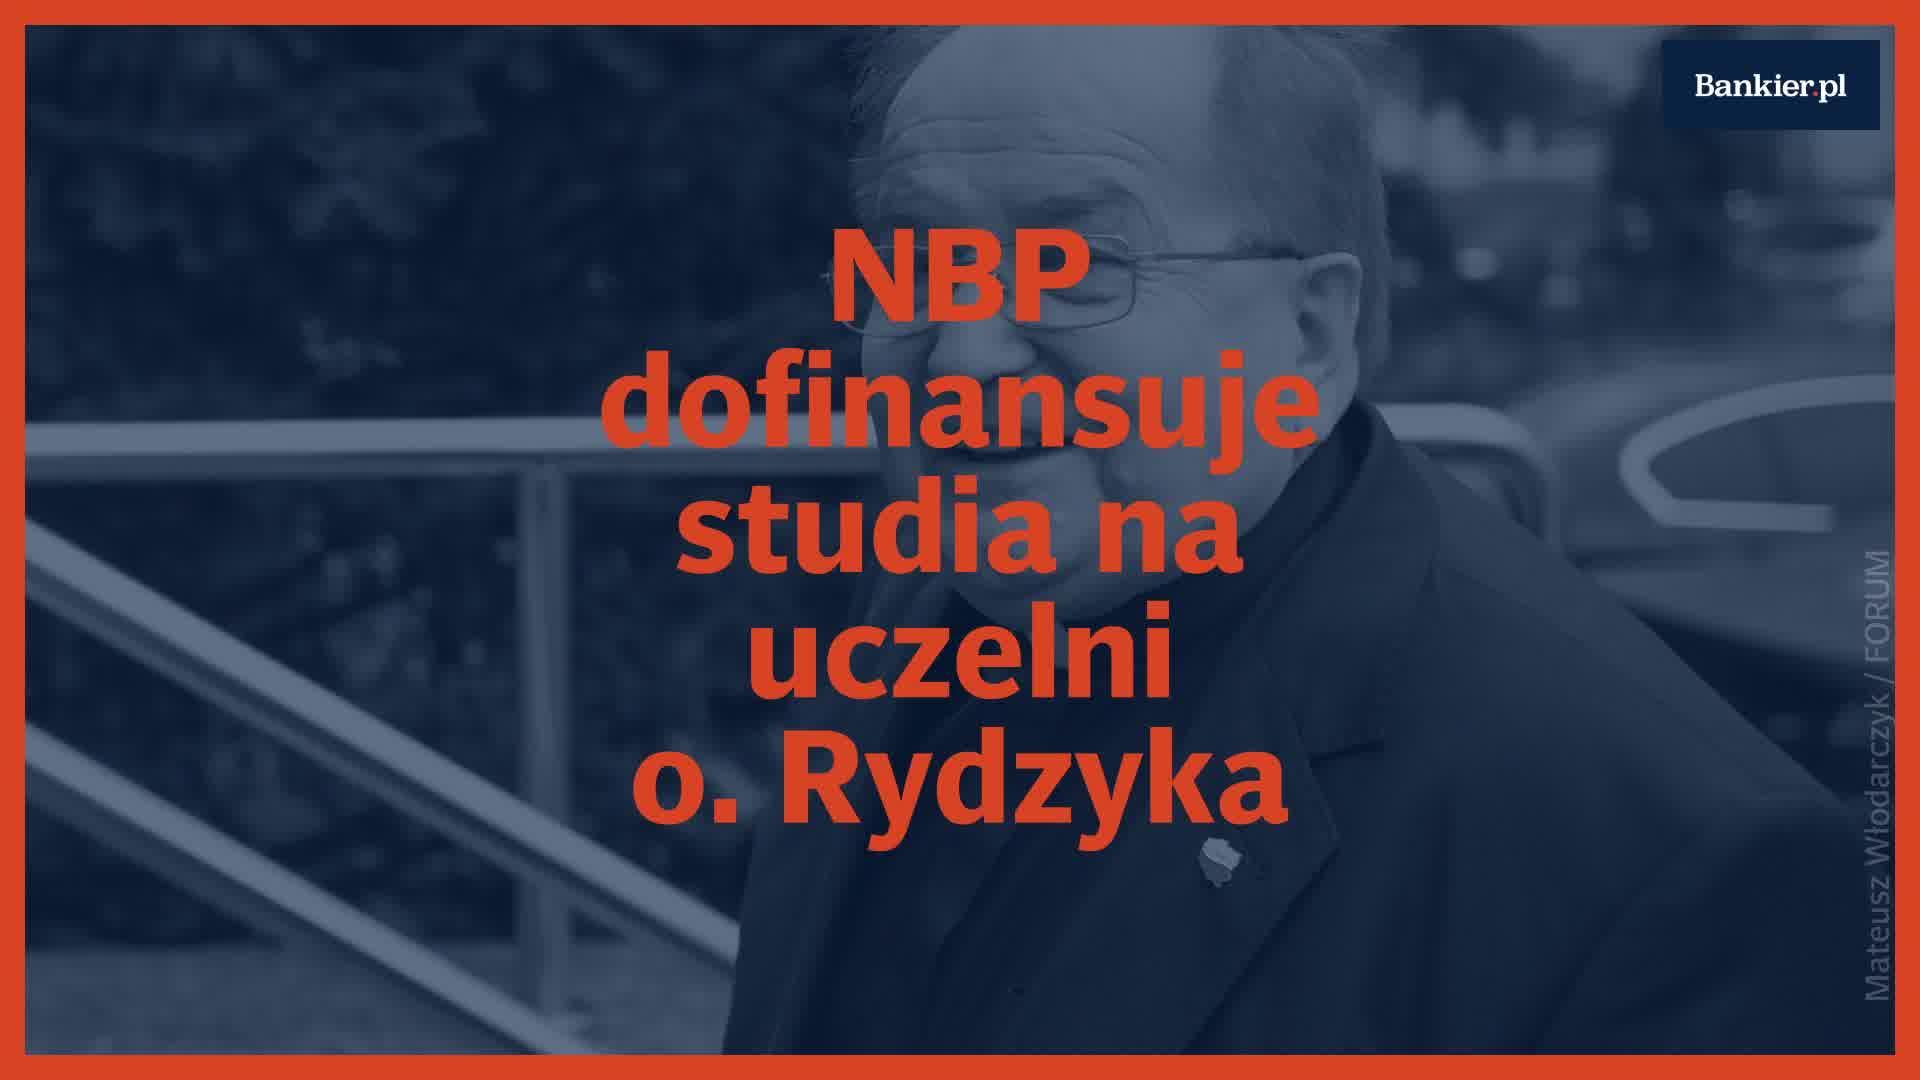 NBP dofinansuje kierunek na uczelni o. Rydzyka